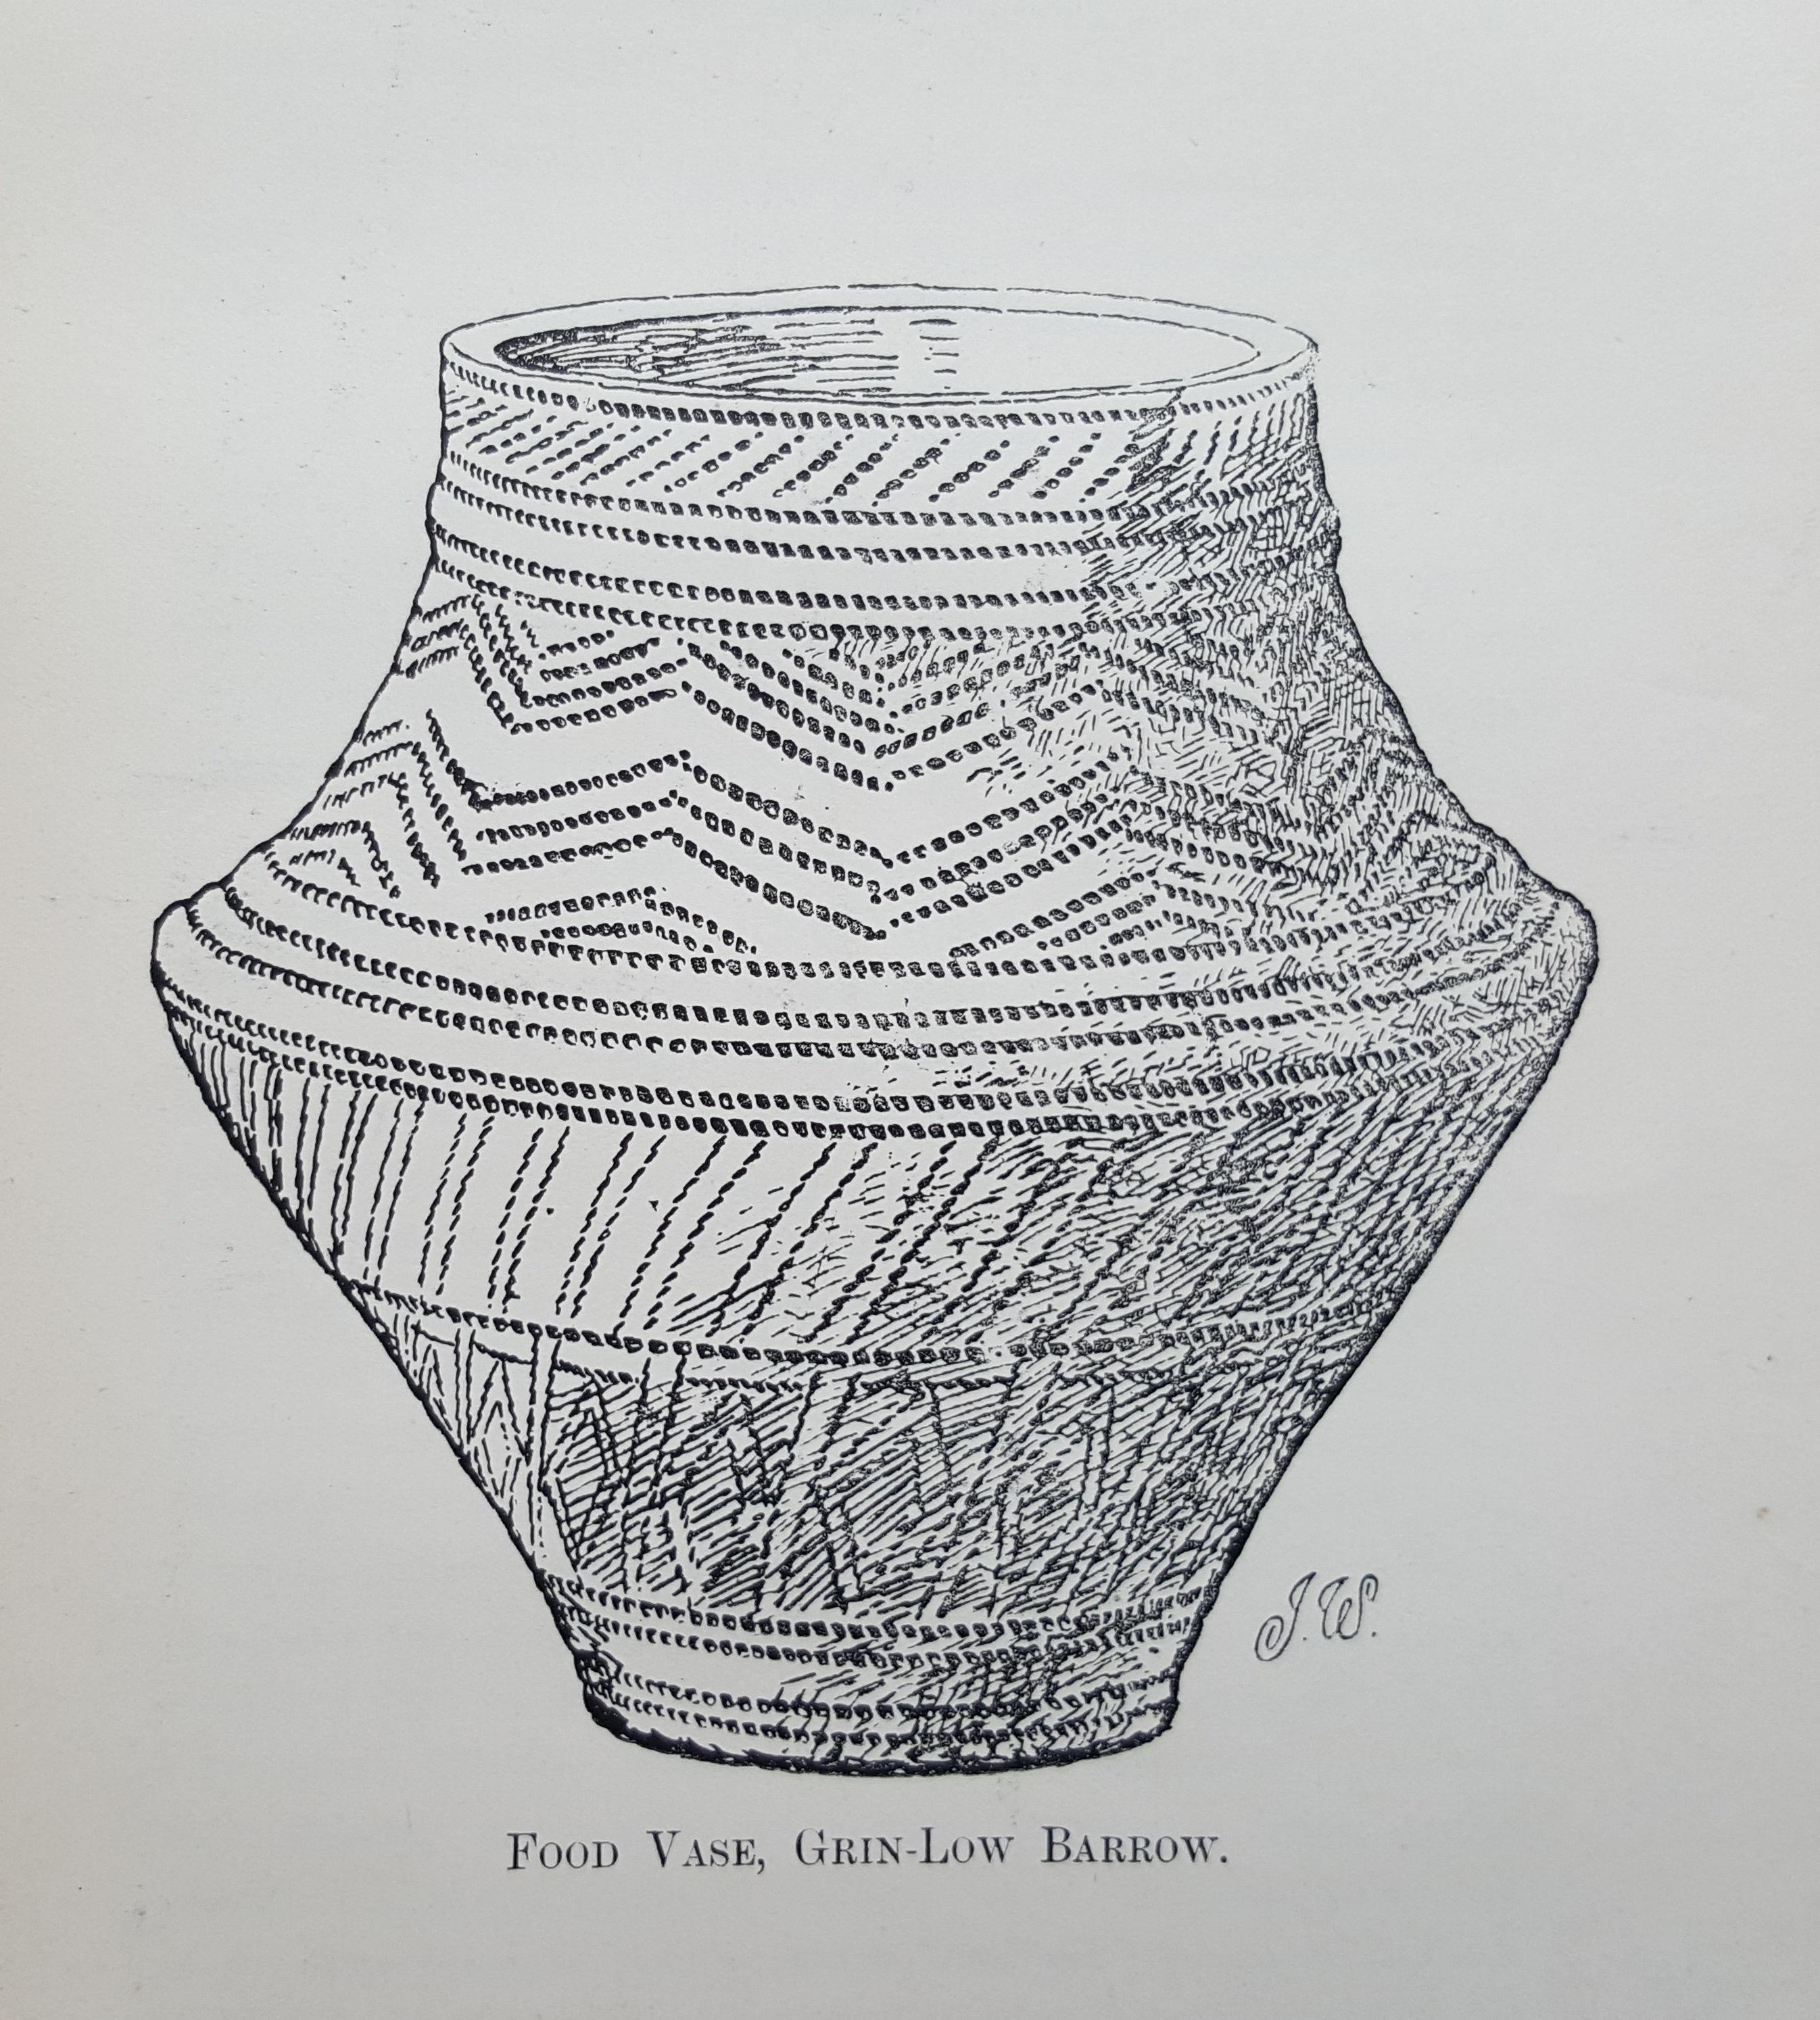 Image of food vase